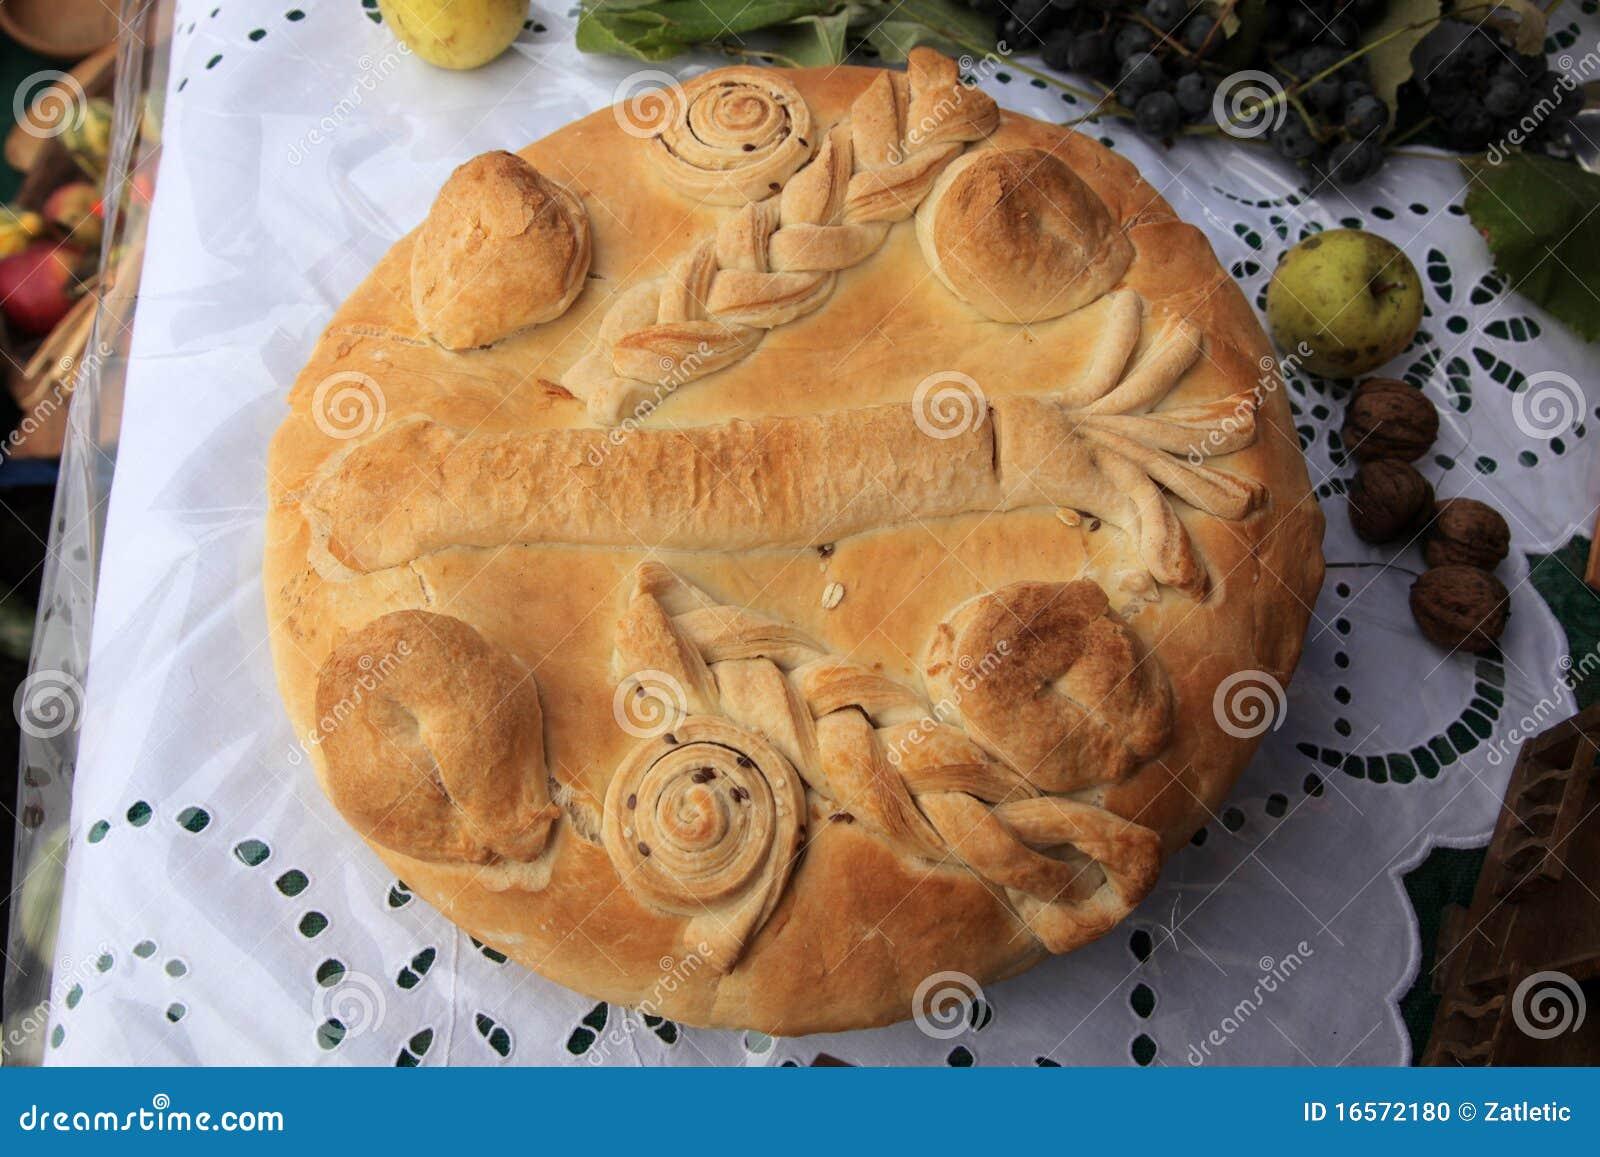 Delicious homemade christmas bread stock photo image 16572180 - Make delicious sweet bread christmas ...